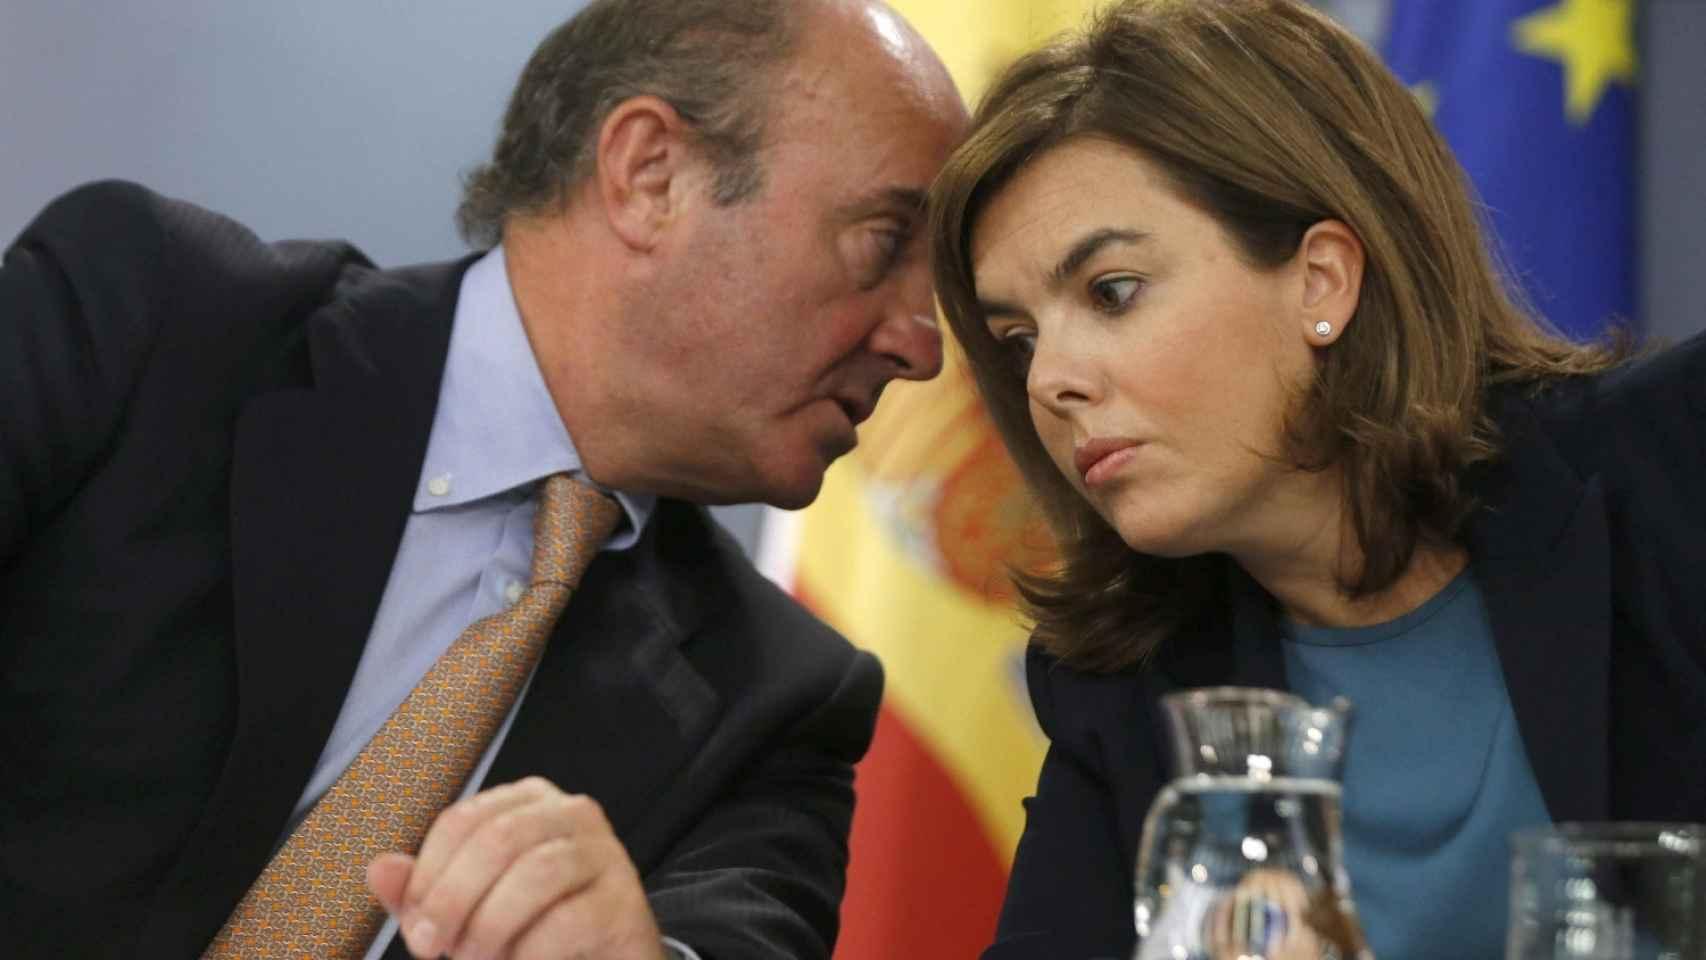 Luis de Guindos y Soraya Sáez de Santamaría tras un Consejo de Ministros.